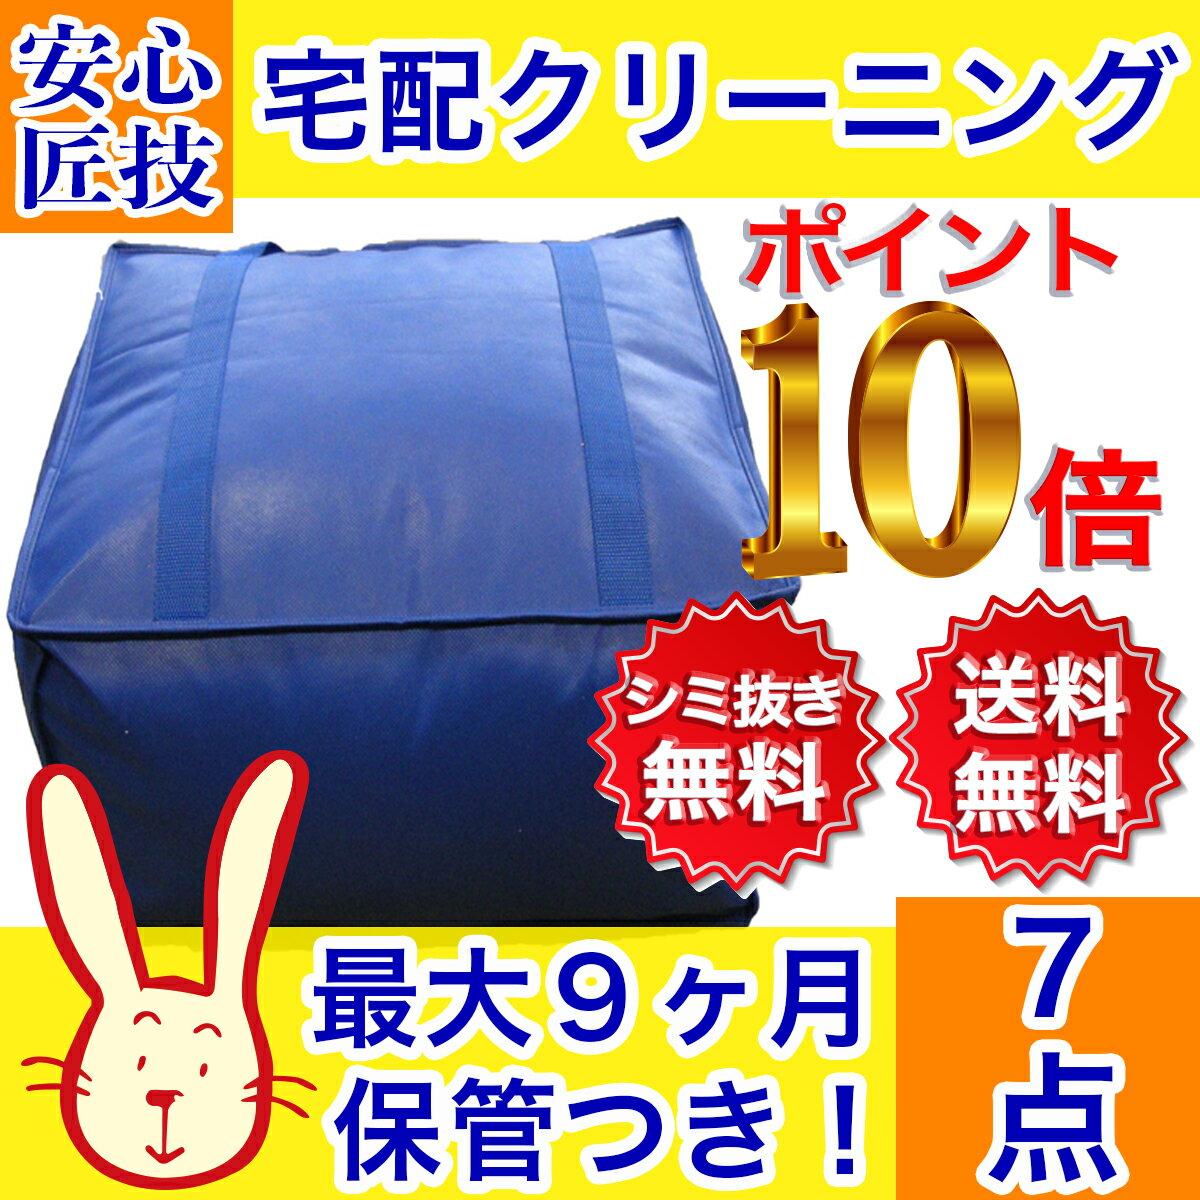 【40%OFF!】クリーニング 保管 宅配 最大9ヶ月長期保管コース 7点パック 送料無料